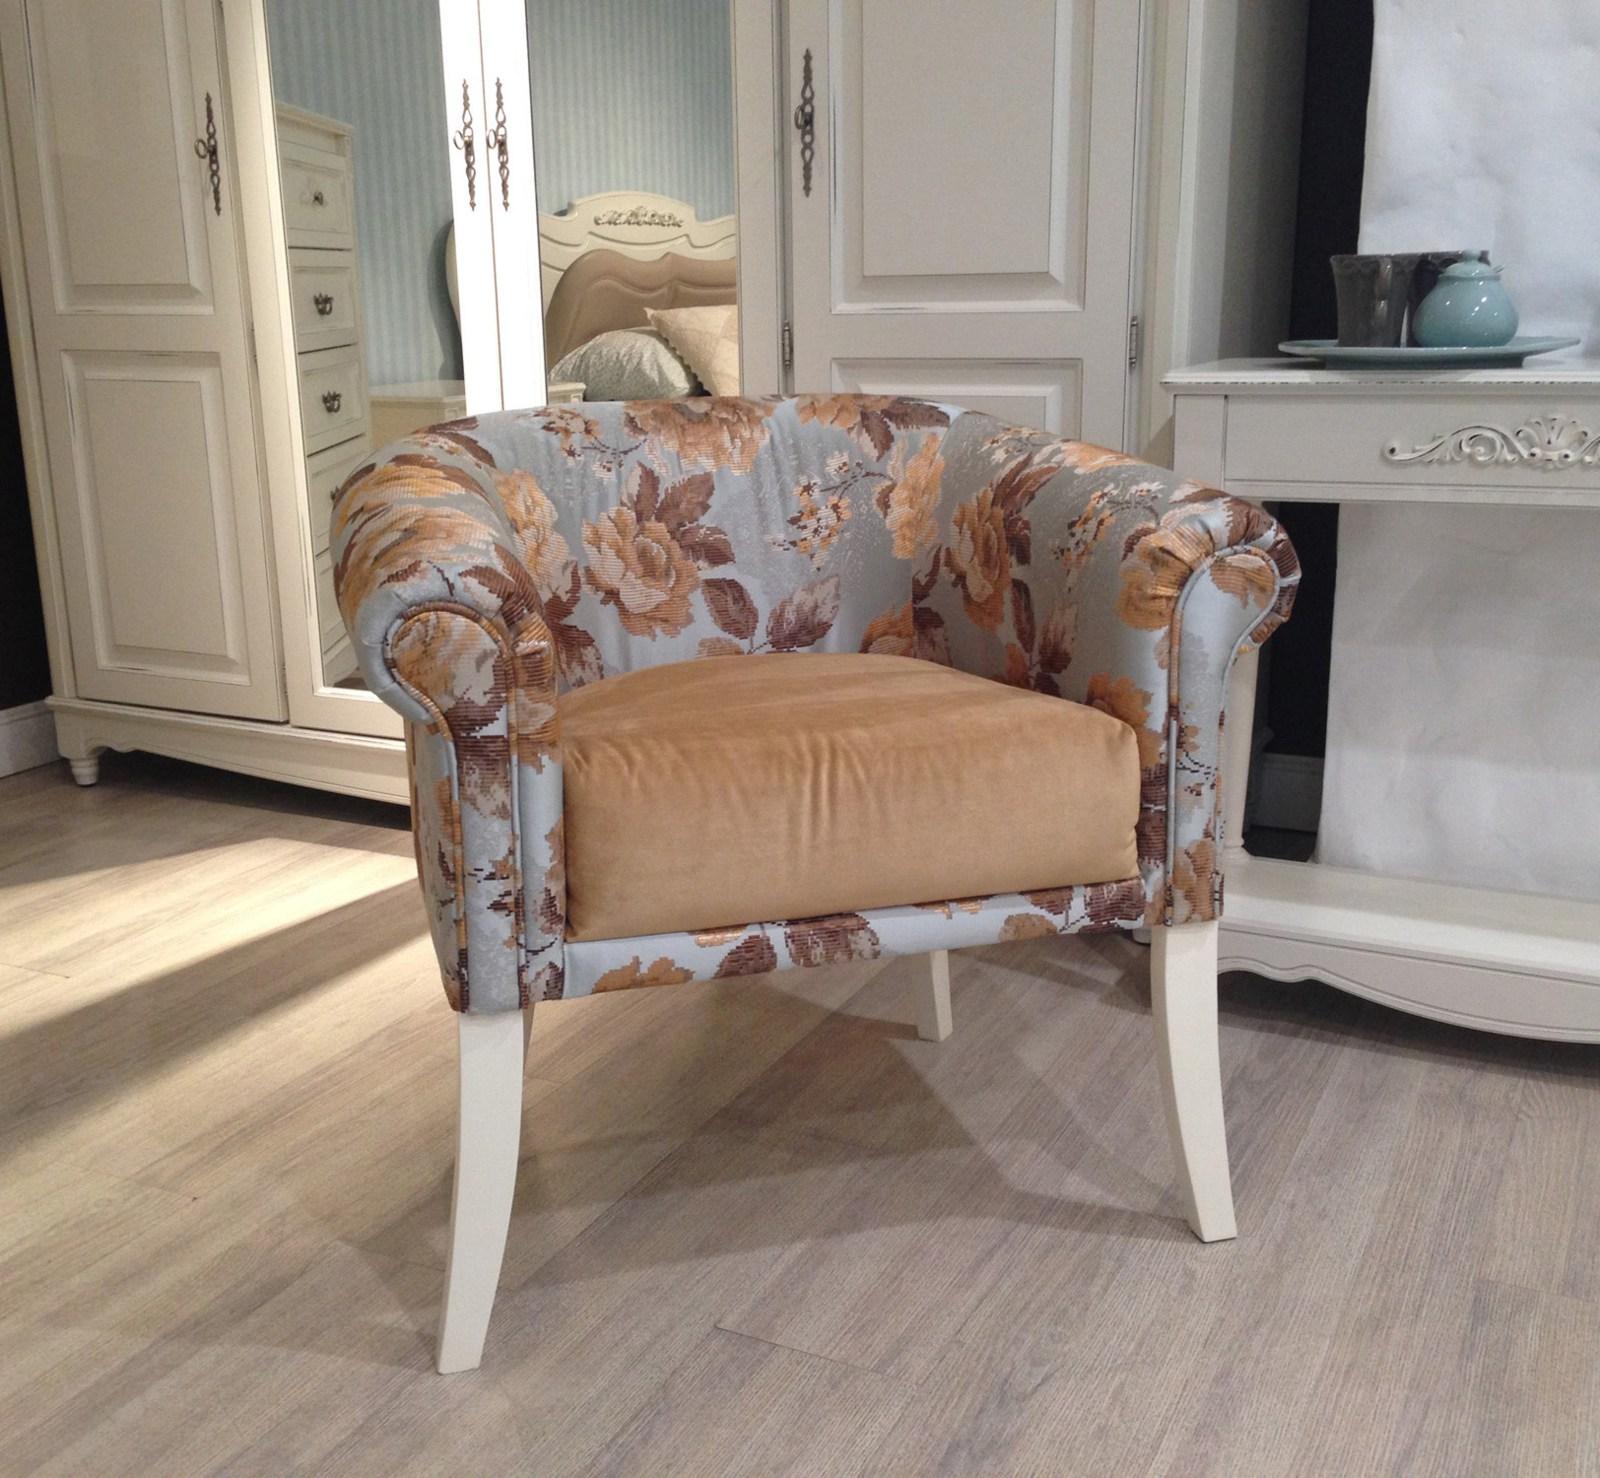 Кресло в стиле прованс с цветочной обивкой